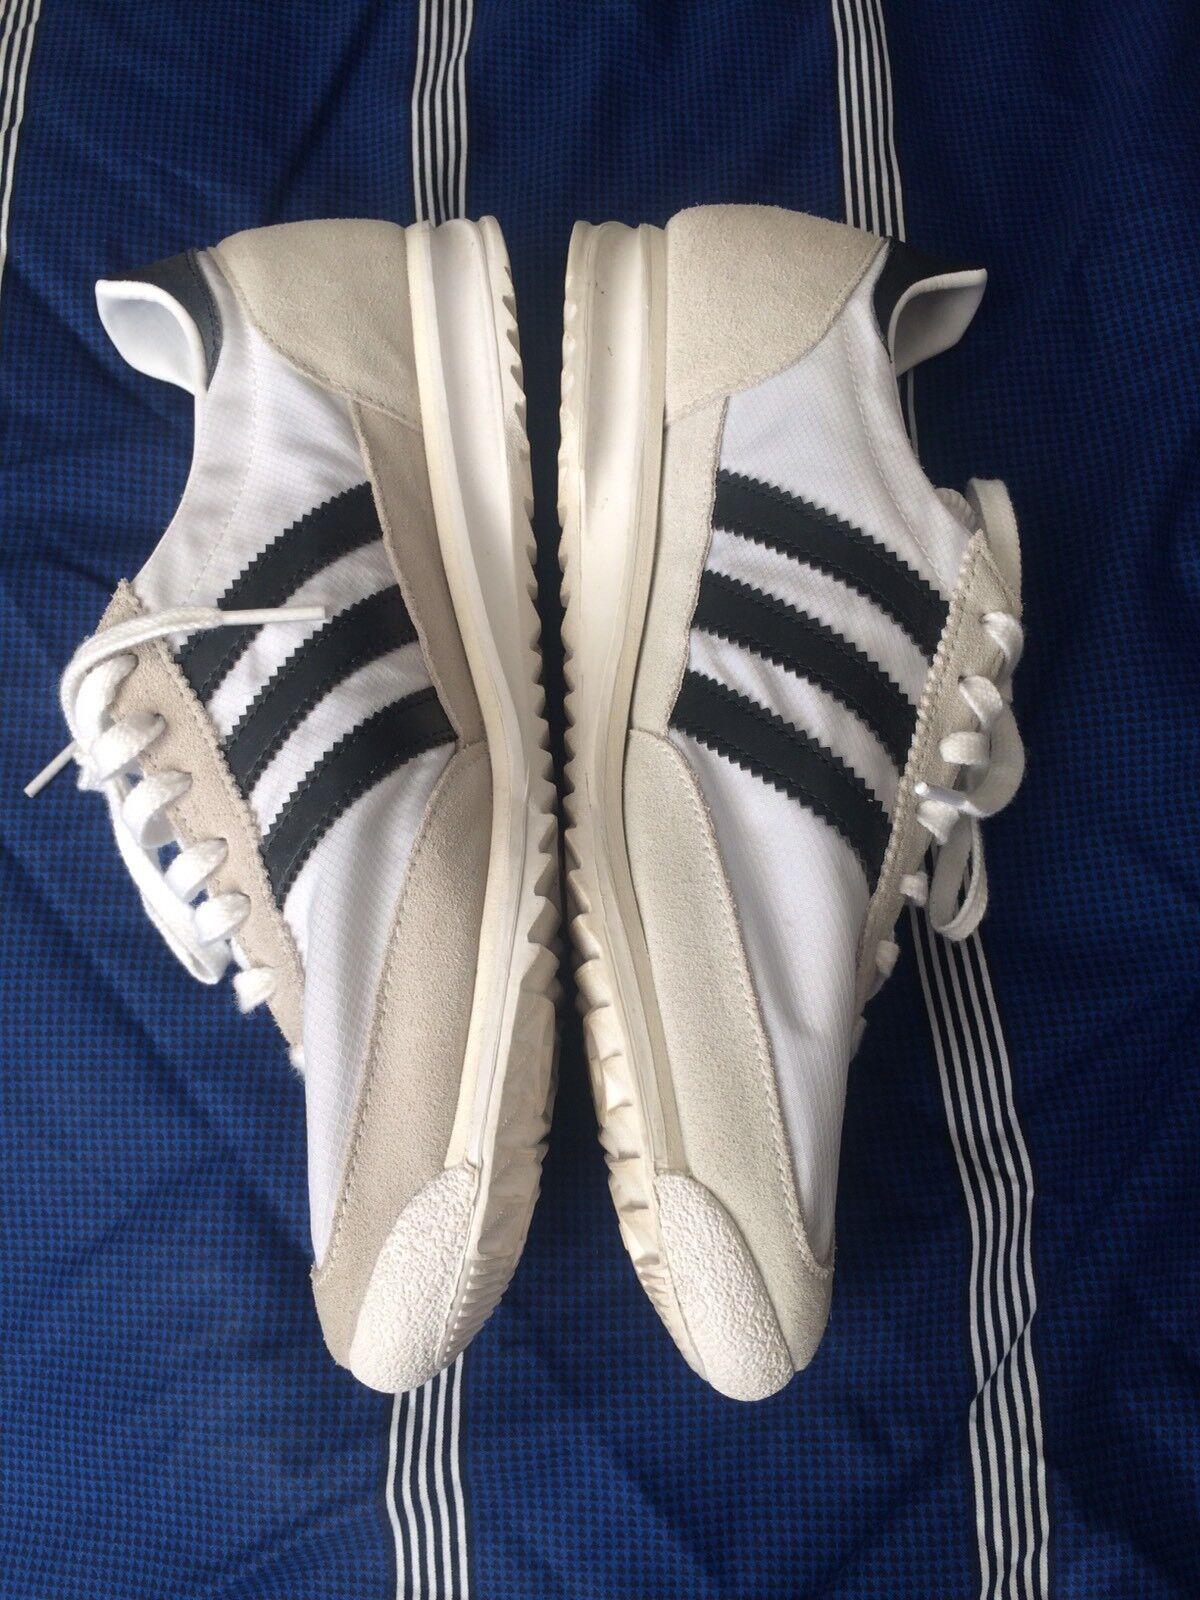 Adidas Originals Men's Shoes Men's Originals Size US 9.5 d443cc